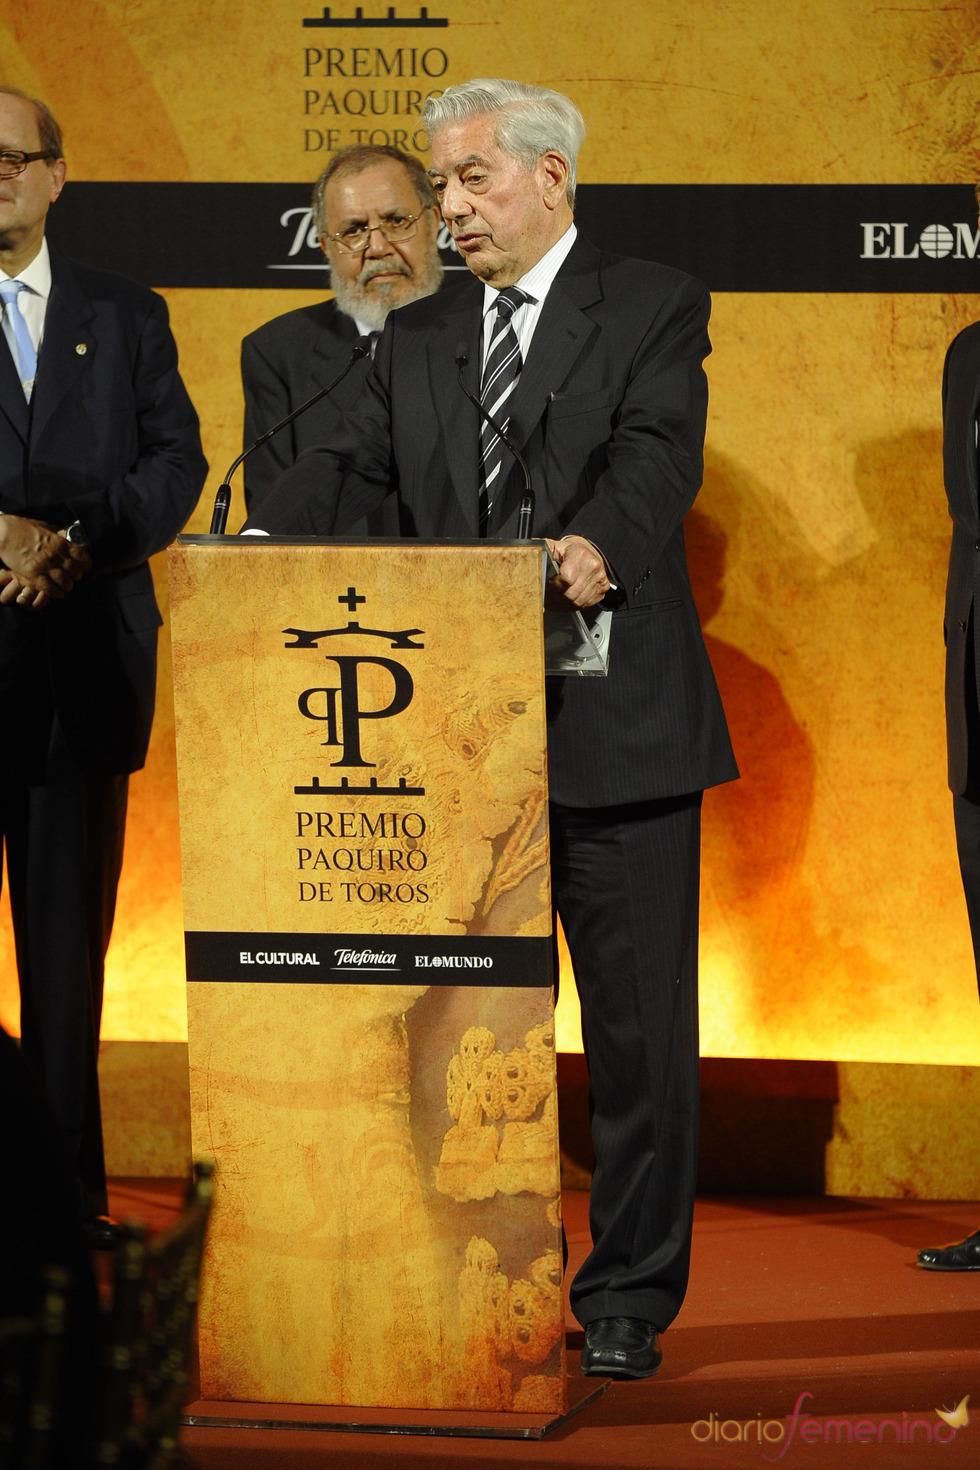 Mario Vargas Llosa recoge el Premio Paquiro 2011